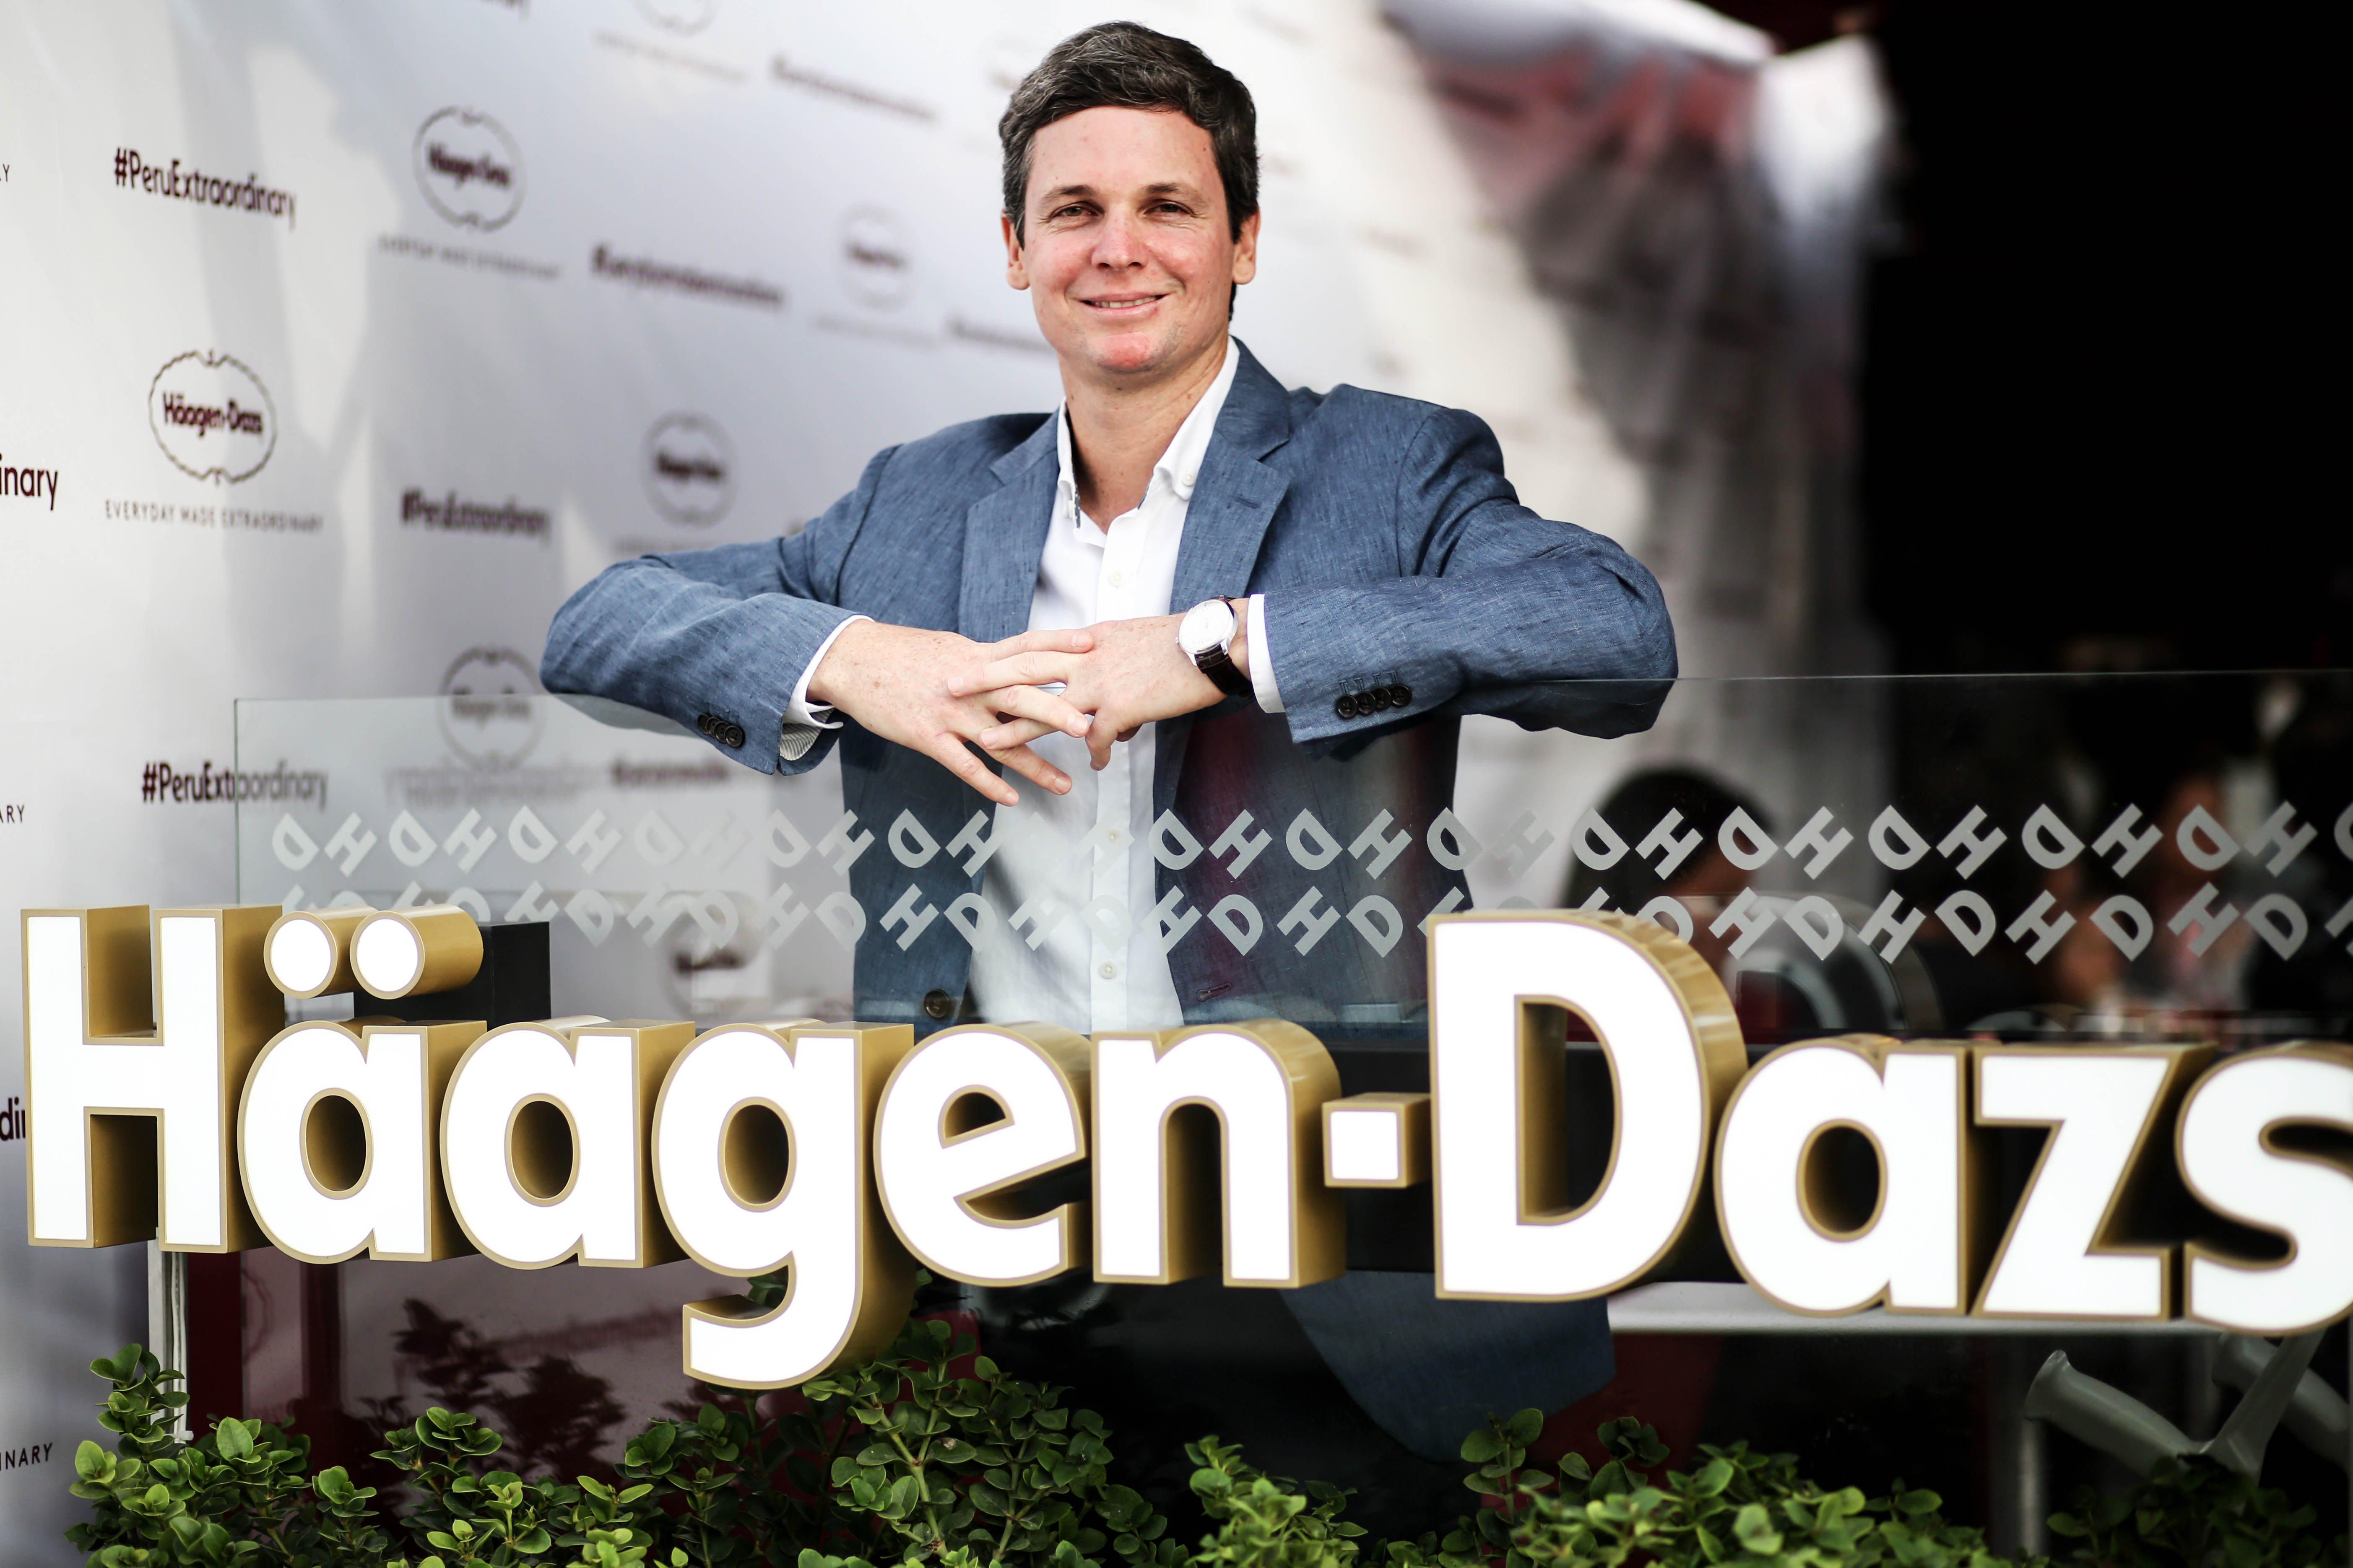 HÄAGEN DAZS EN PERÚ 2 - Marca de helados Häagen-Dazs instala su primera tienda en Perú y planea abrir seis más